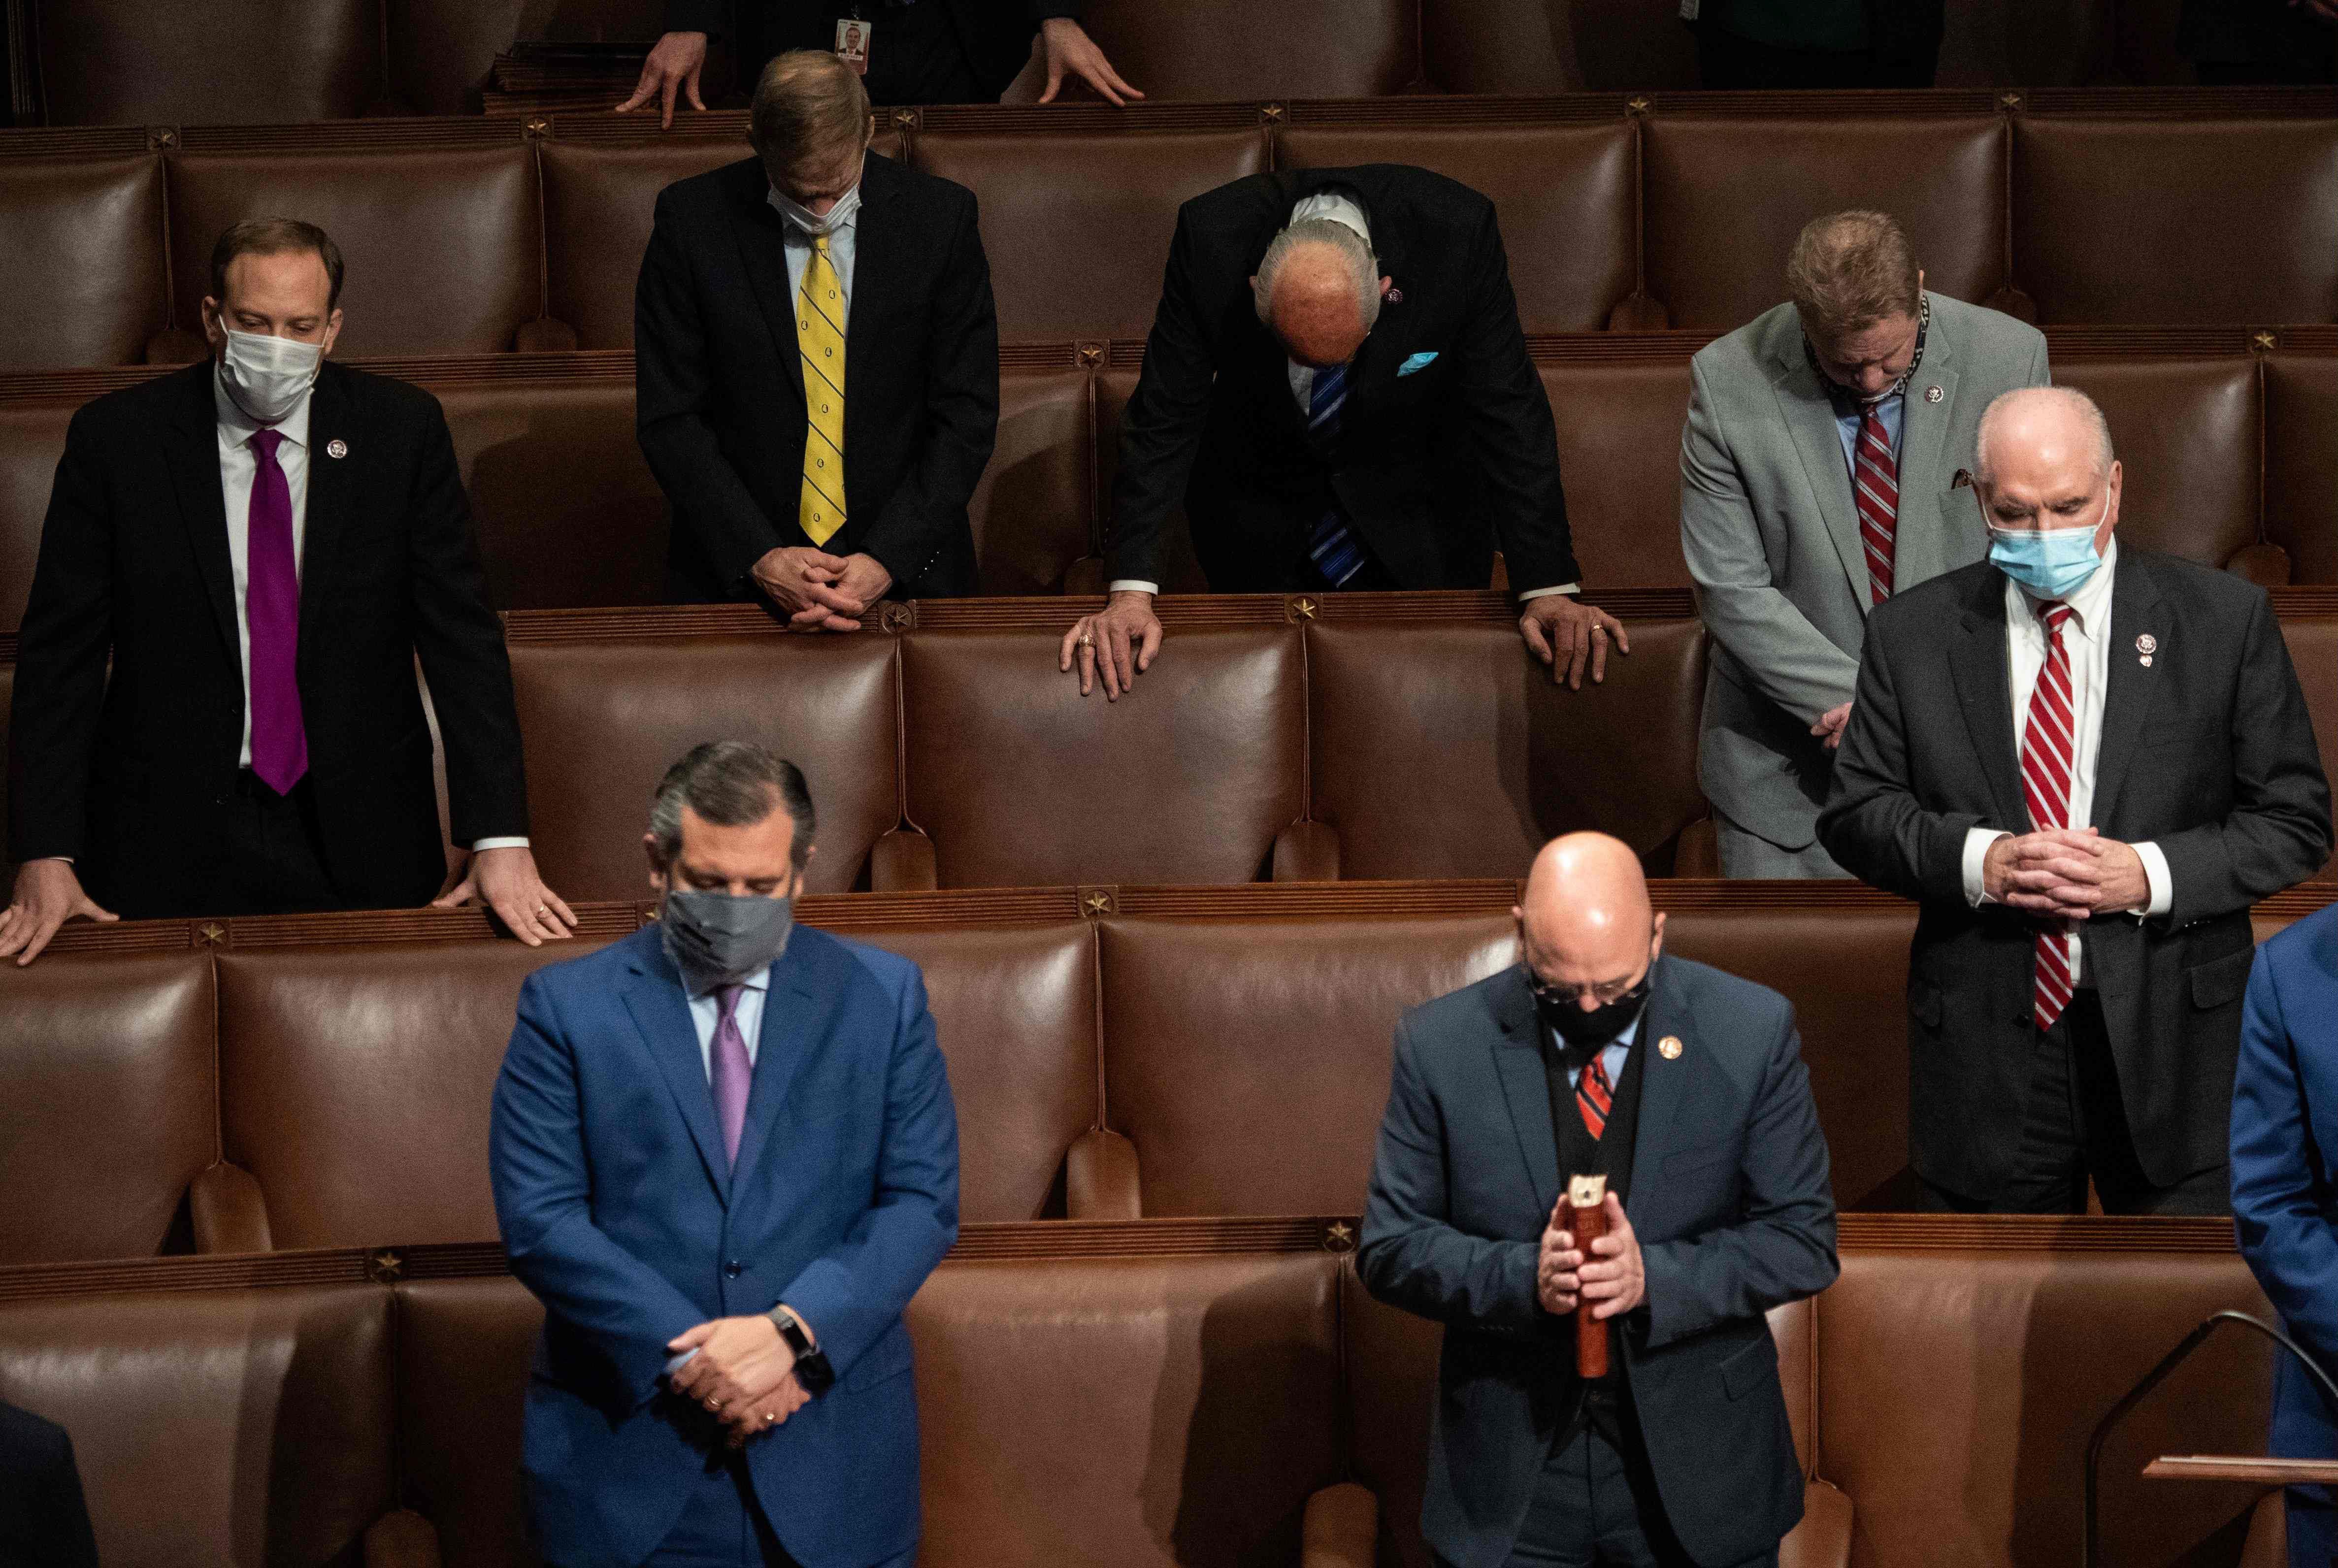 Kongressin republikaanit rukoilivat 7. tammikuuta, kun edellisenä päivänä alkanut, hyökkäyksen keskeyttämättä kokous oli saatu vietyä päätökseen ja demokraatti Joe Biden oli julistettu Yhdysvaltain seuraavaksi presidentiksi. Hän vannoo virkavalansa 20. tammikuuta.